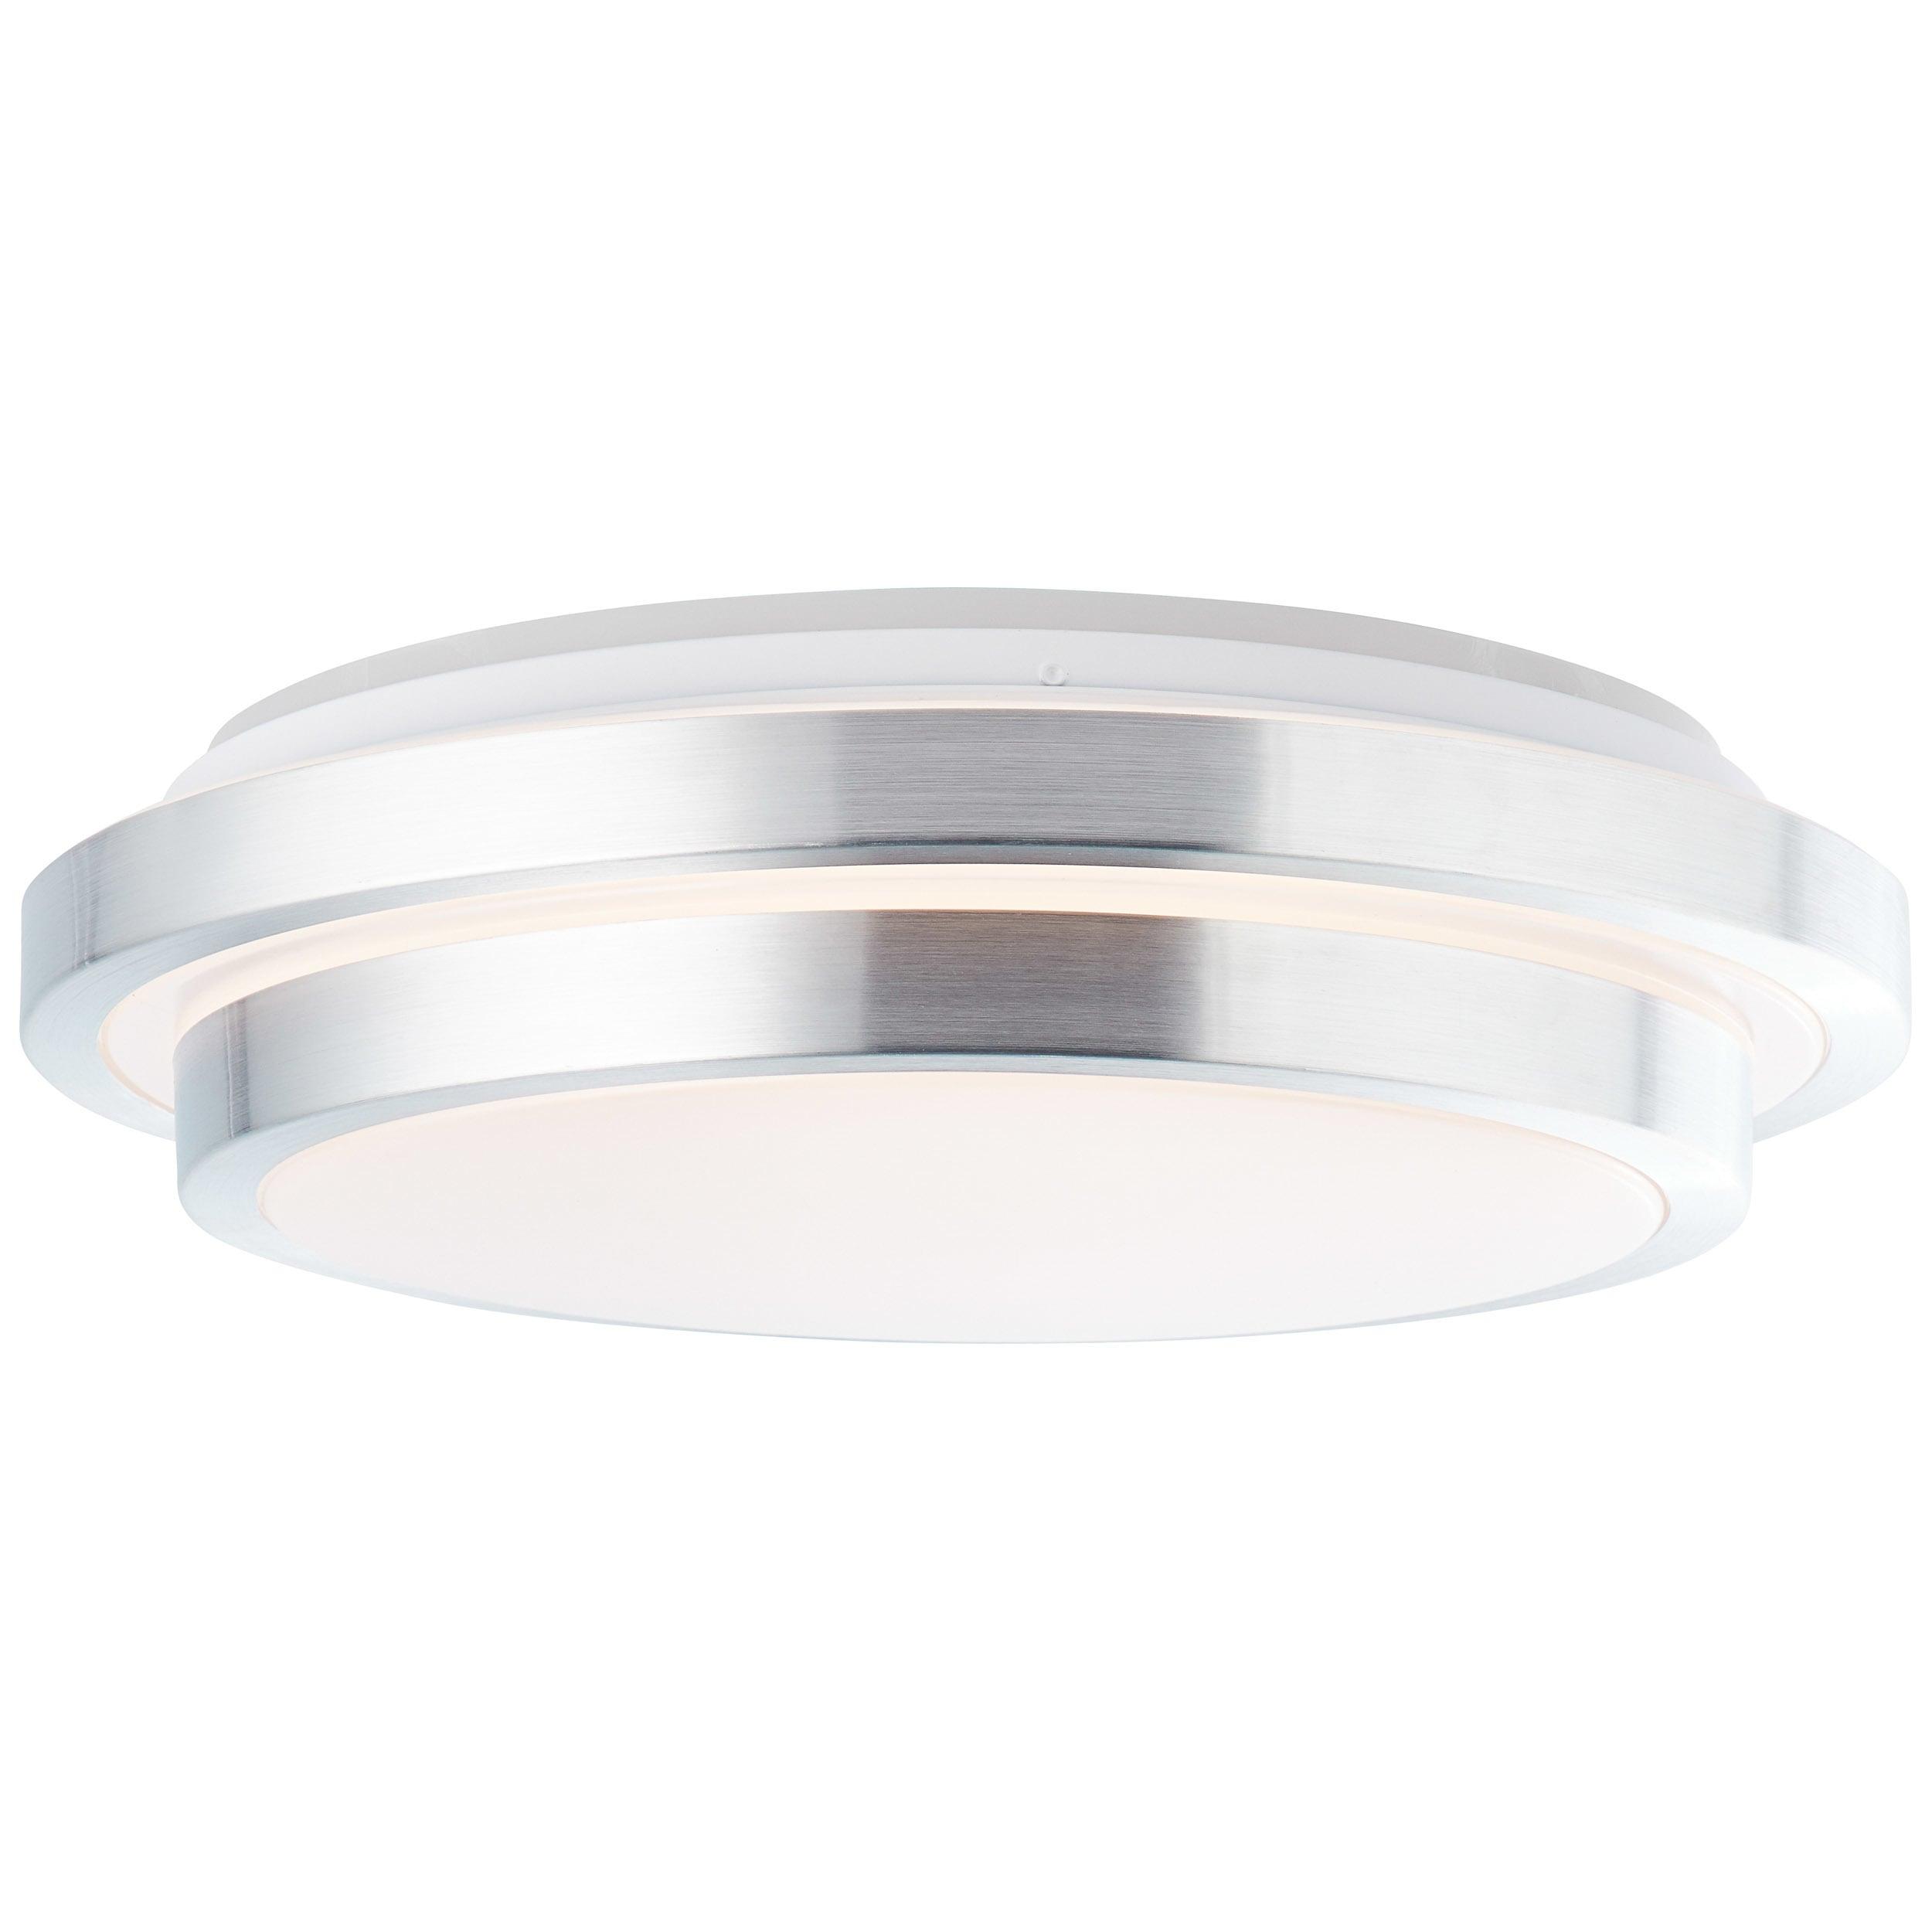 Brilliant Leuchten Vilma LED Deckenleuchte 41cm weiß-silber